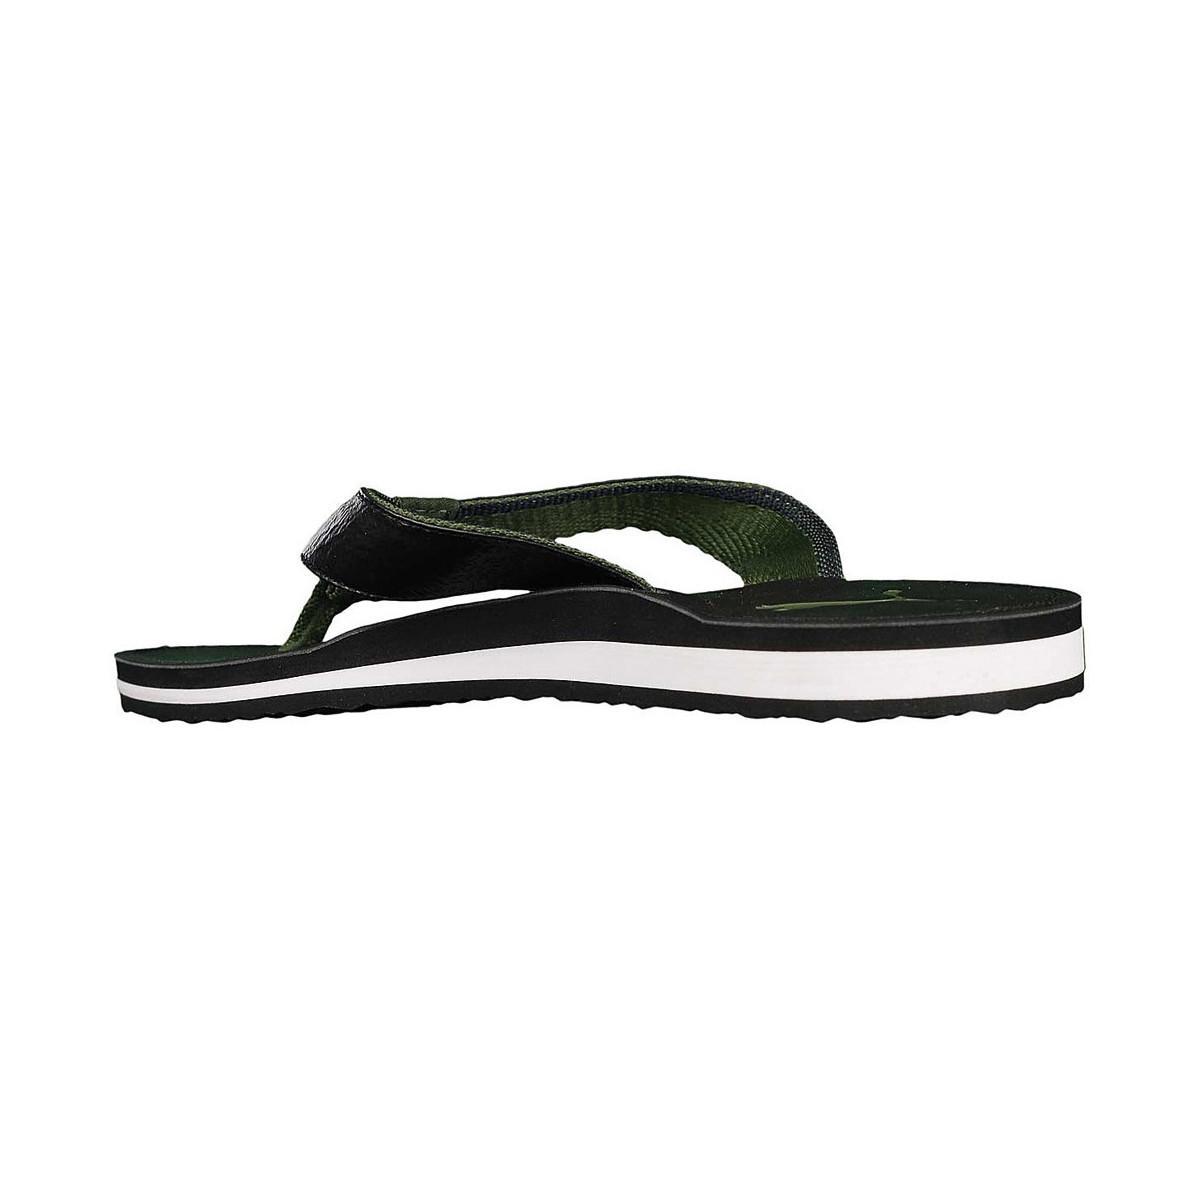 Puma Drifter Nm Women s Flip Flops   Sandals (shoes) In Black in ... da10f8c738